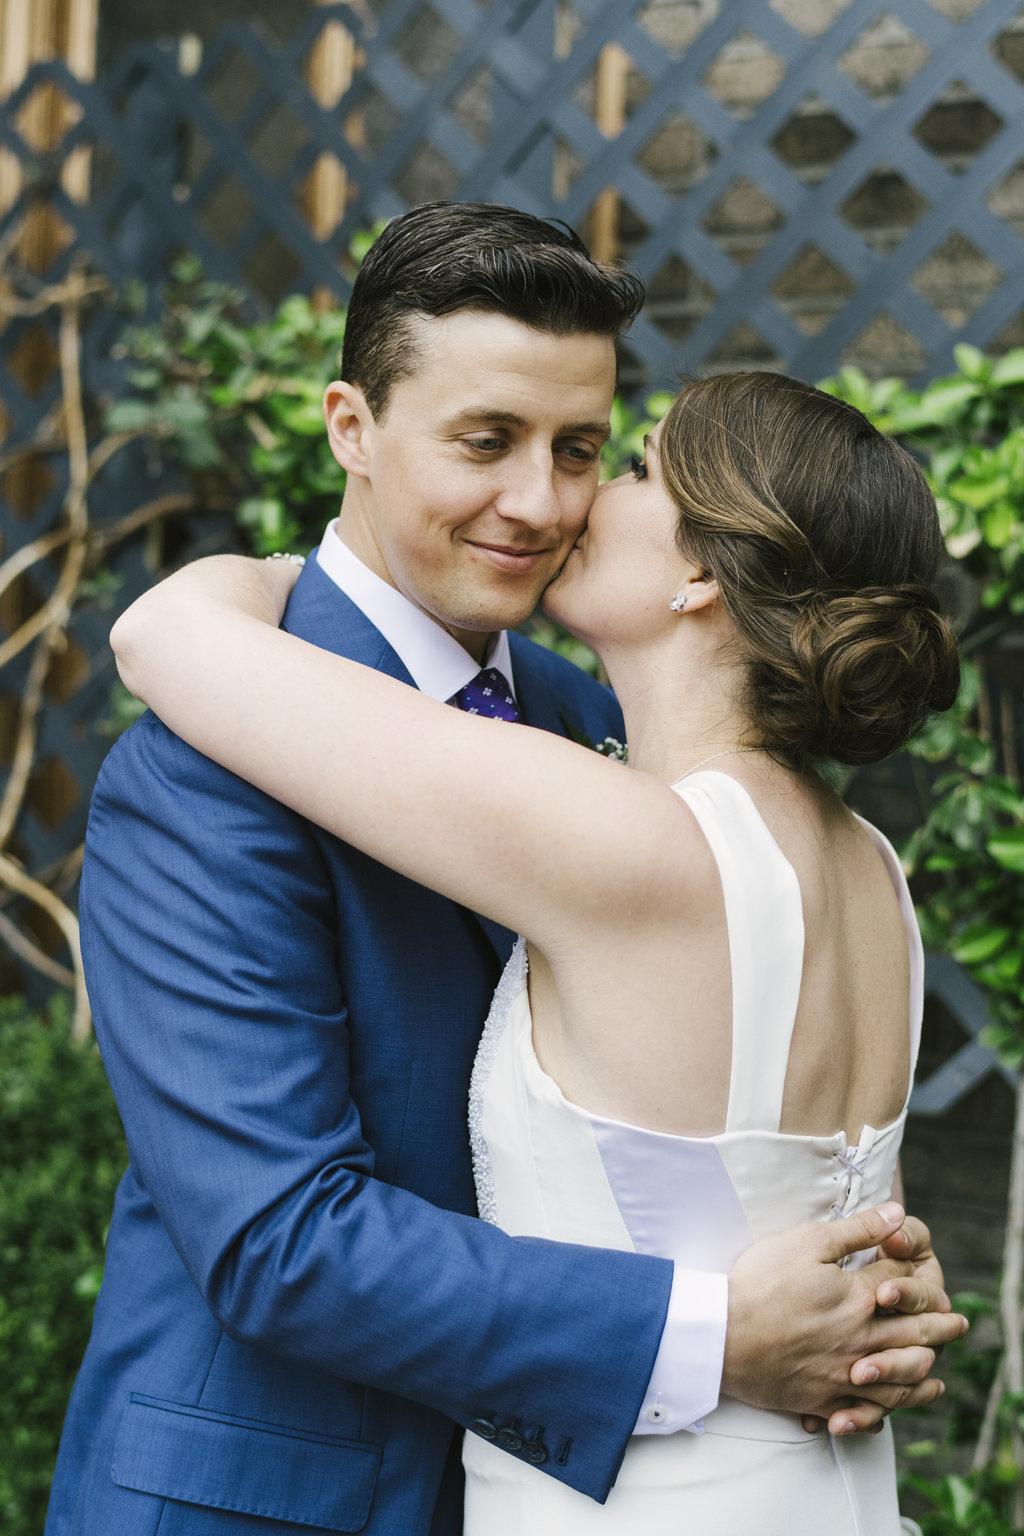 Nathalie Kraynina Bride At The Big Fake WeddingAliciaKingPhotographyBigFakeWedding219.jpg